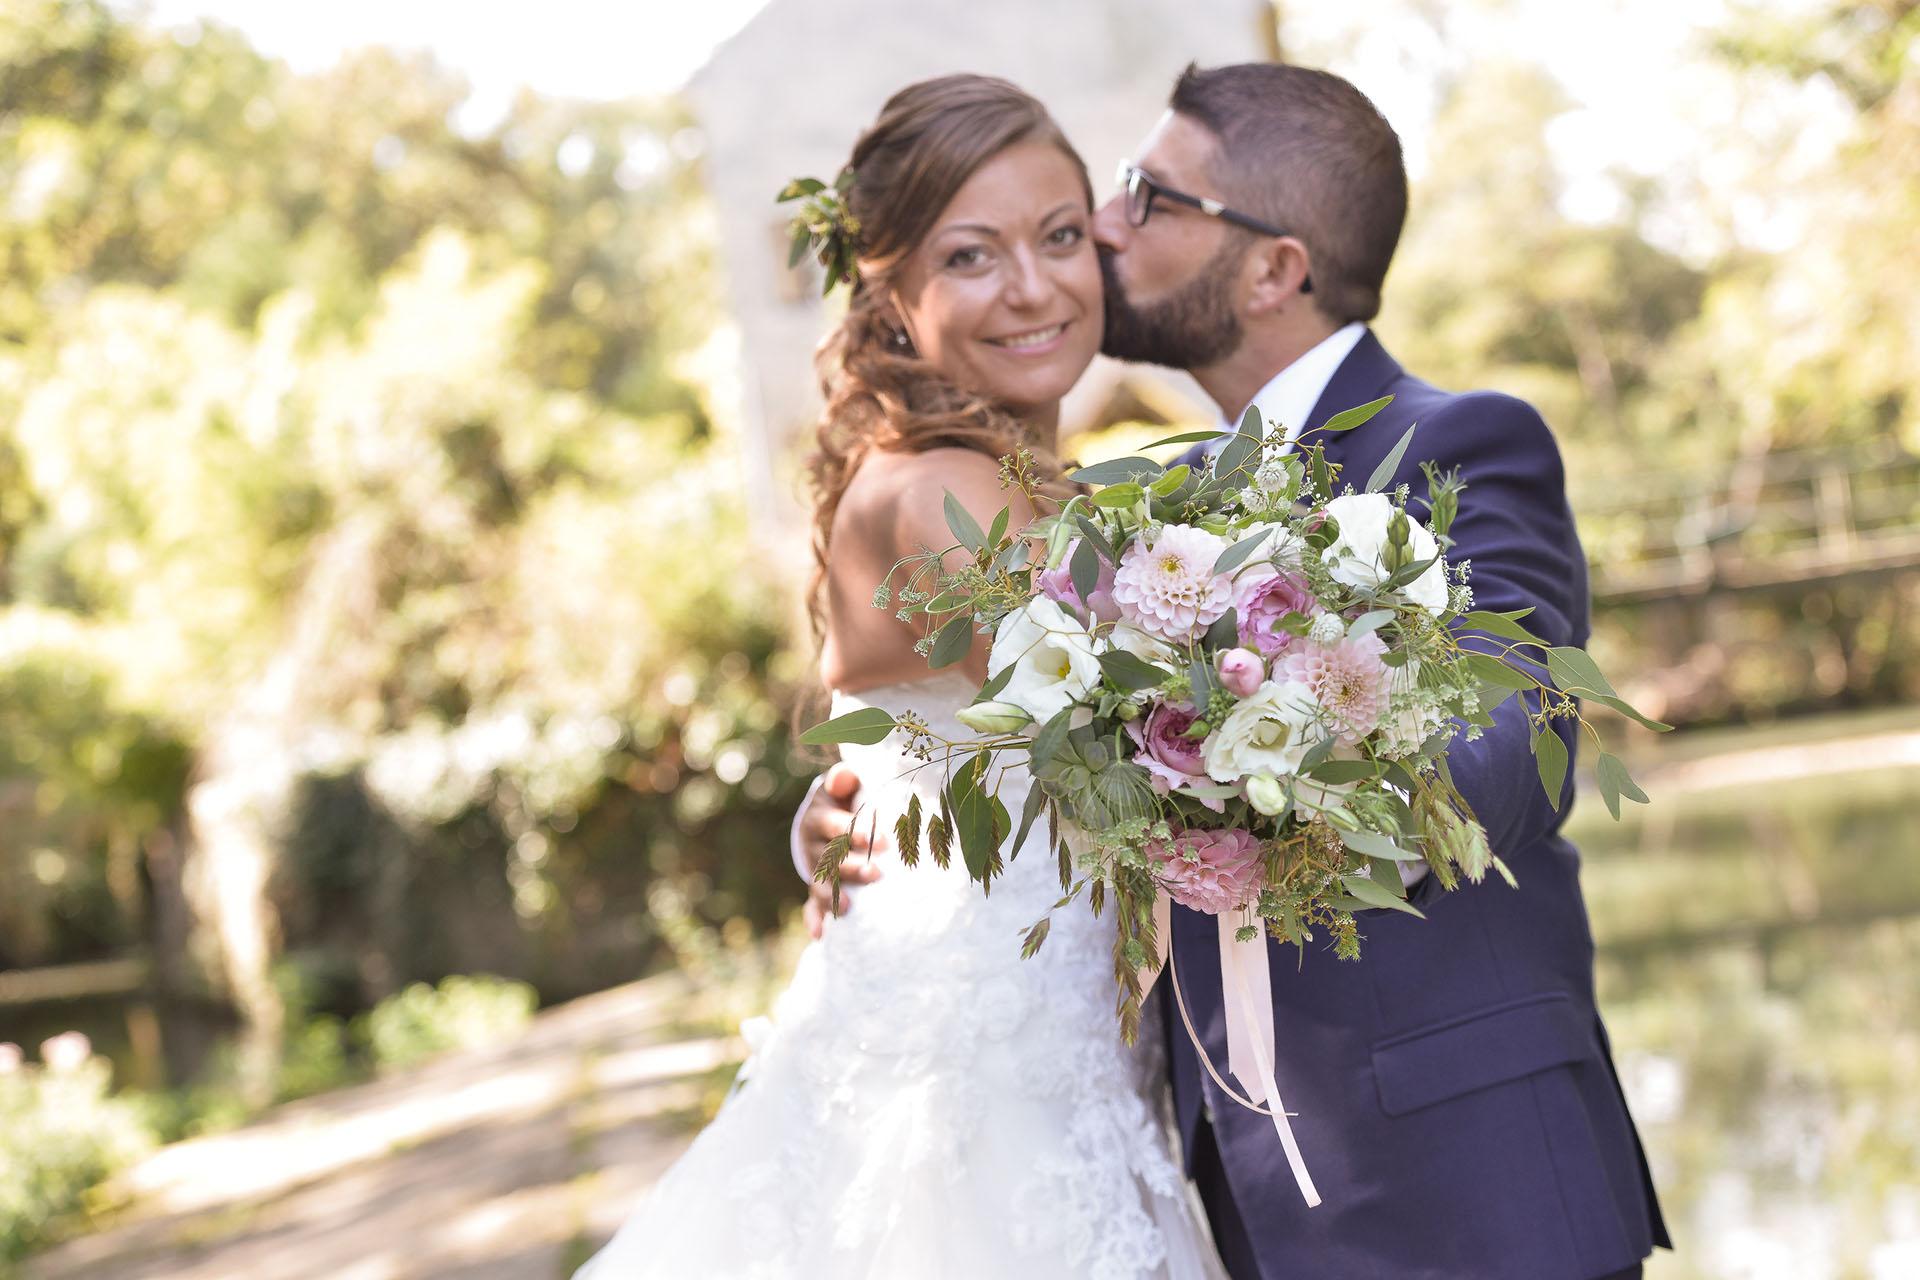 photographe-mariage-ile-de-france-hauts-de-seine-maya-angelsen